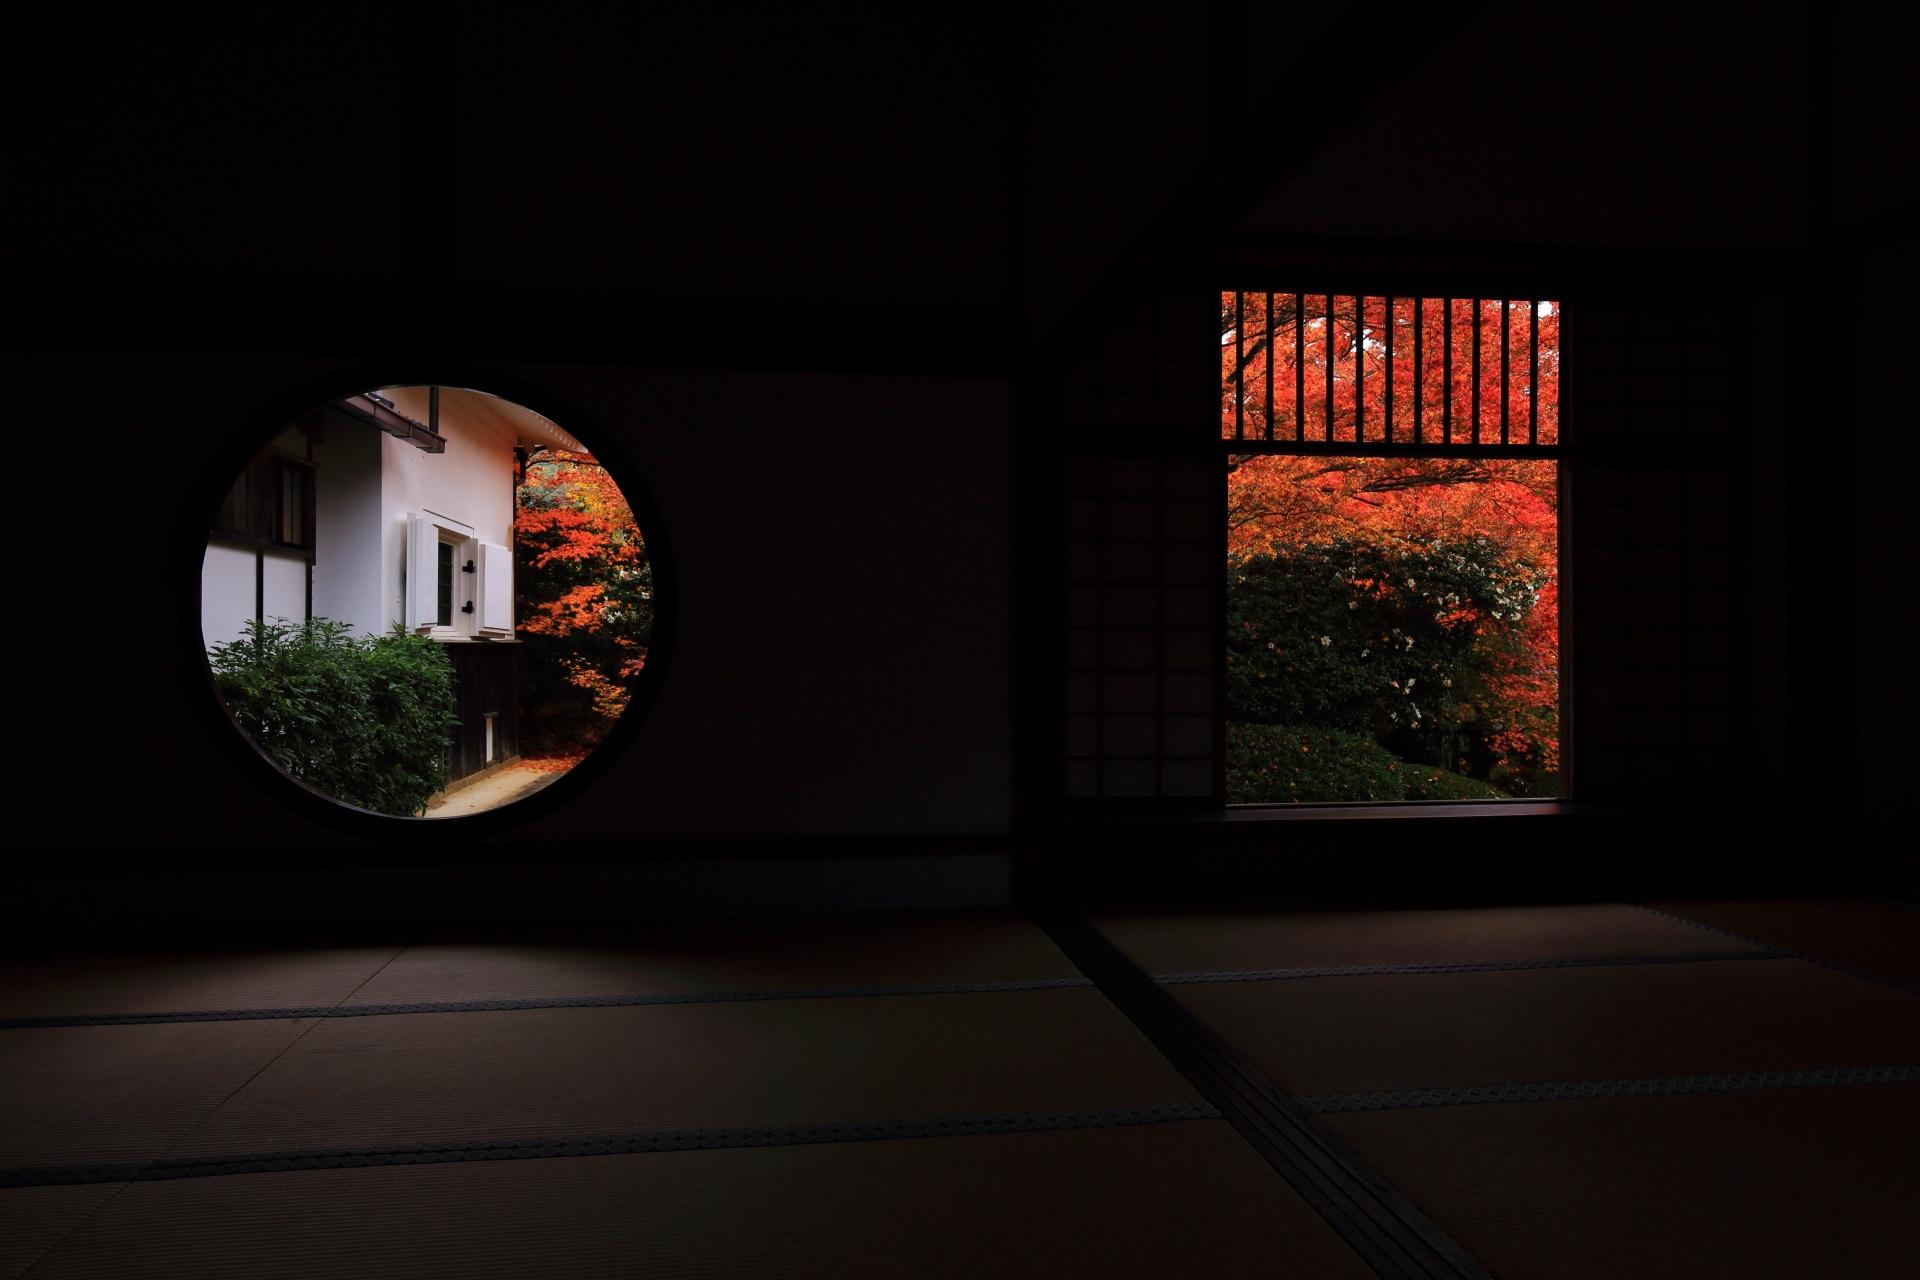 高画質 紅葉 悟りの窓 迷いの窓 写真